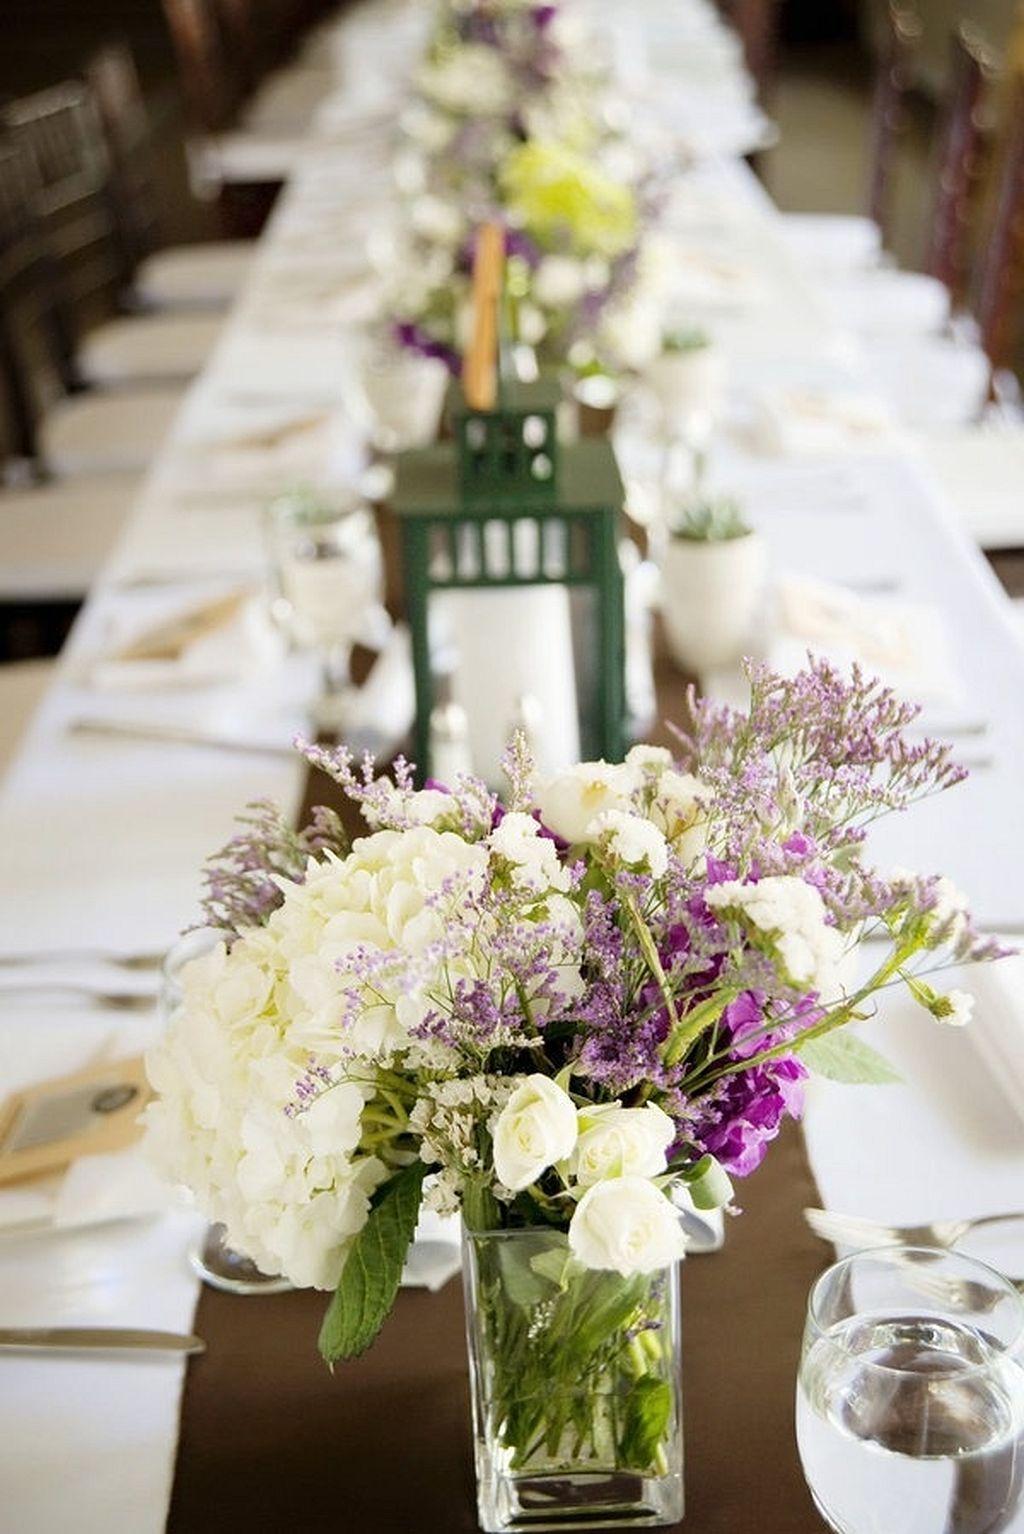 Wedding dress centerpiece   Wedding Lantern Centerpiece Ideas  Wedding lanterns Lantern